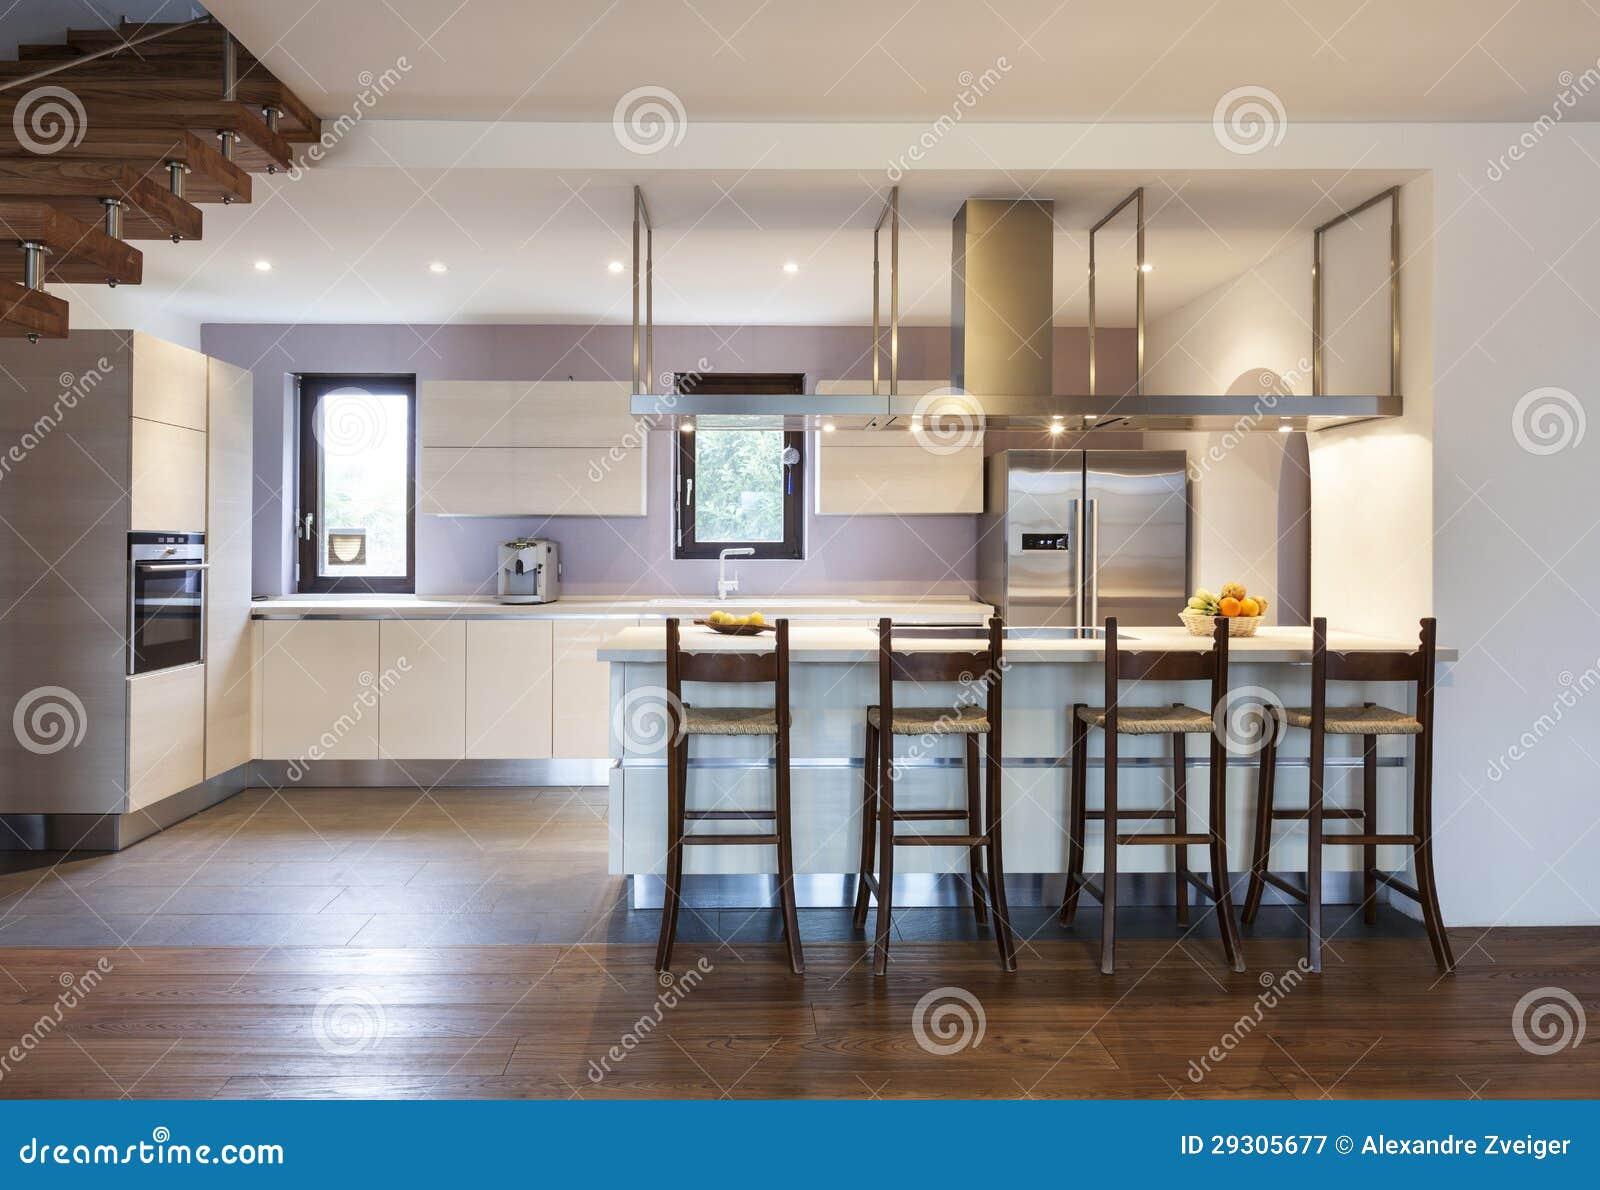 Hogar interior cocina imagen de archivo imagen de cocina 29305677 - Cocina hogar chiclana catalogo ...